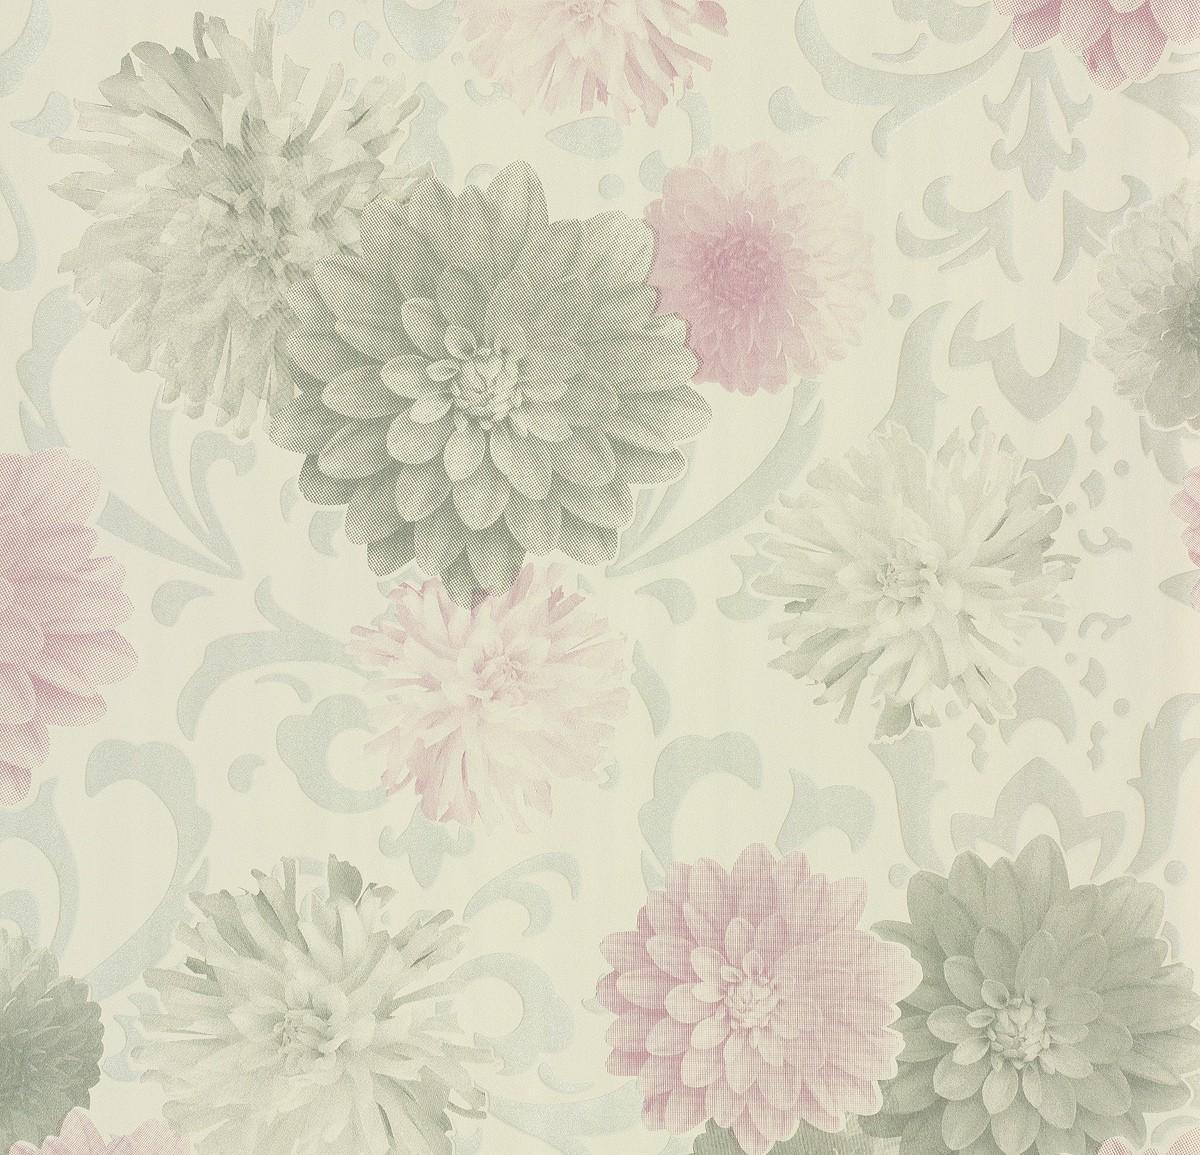 tapete naf naf grau wei floral 95219 1. Black Bedroom Furniture Sets. Home Design Ideas